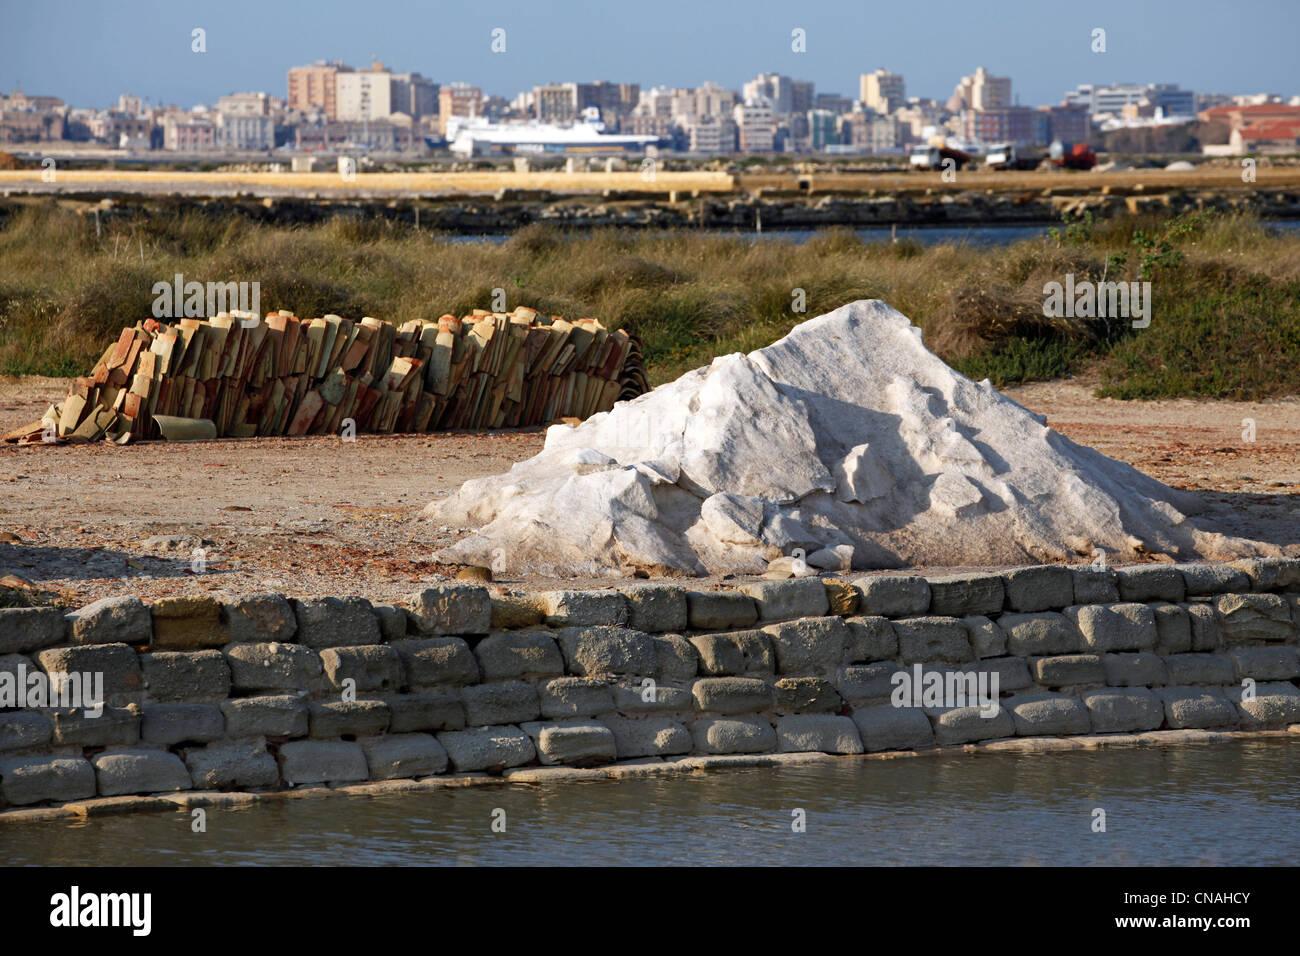 Los montones de sal almacenadas en las salinas de Trapani, Sicilia, Italia Imagen De Stock